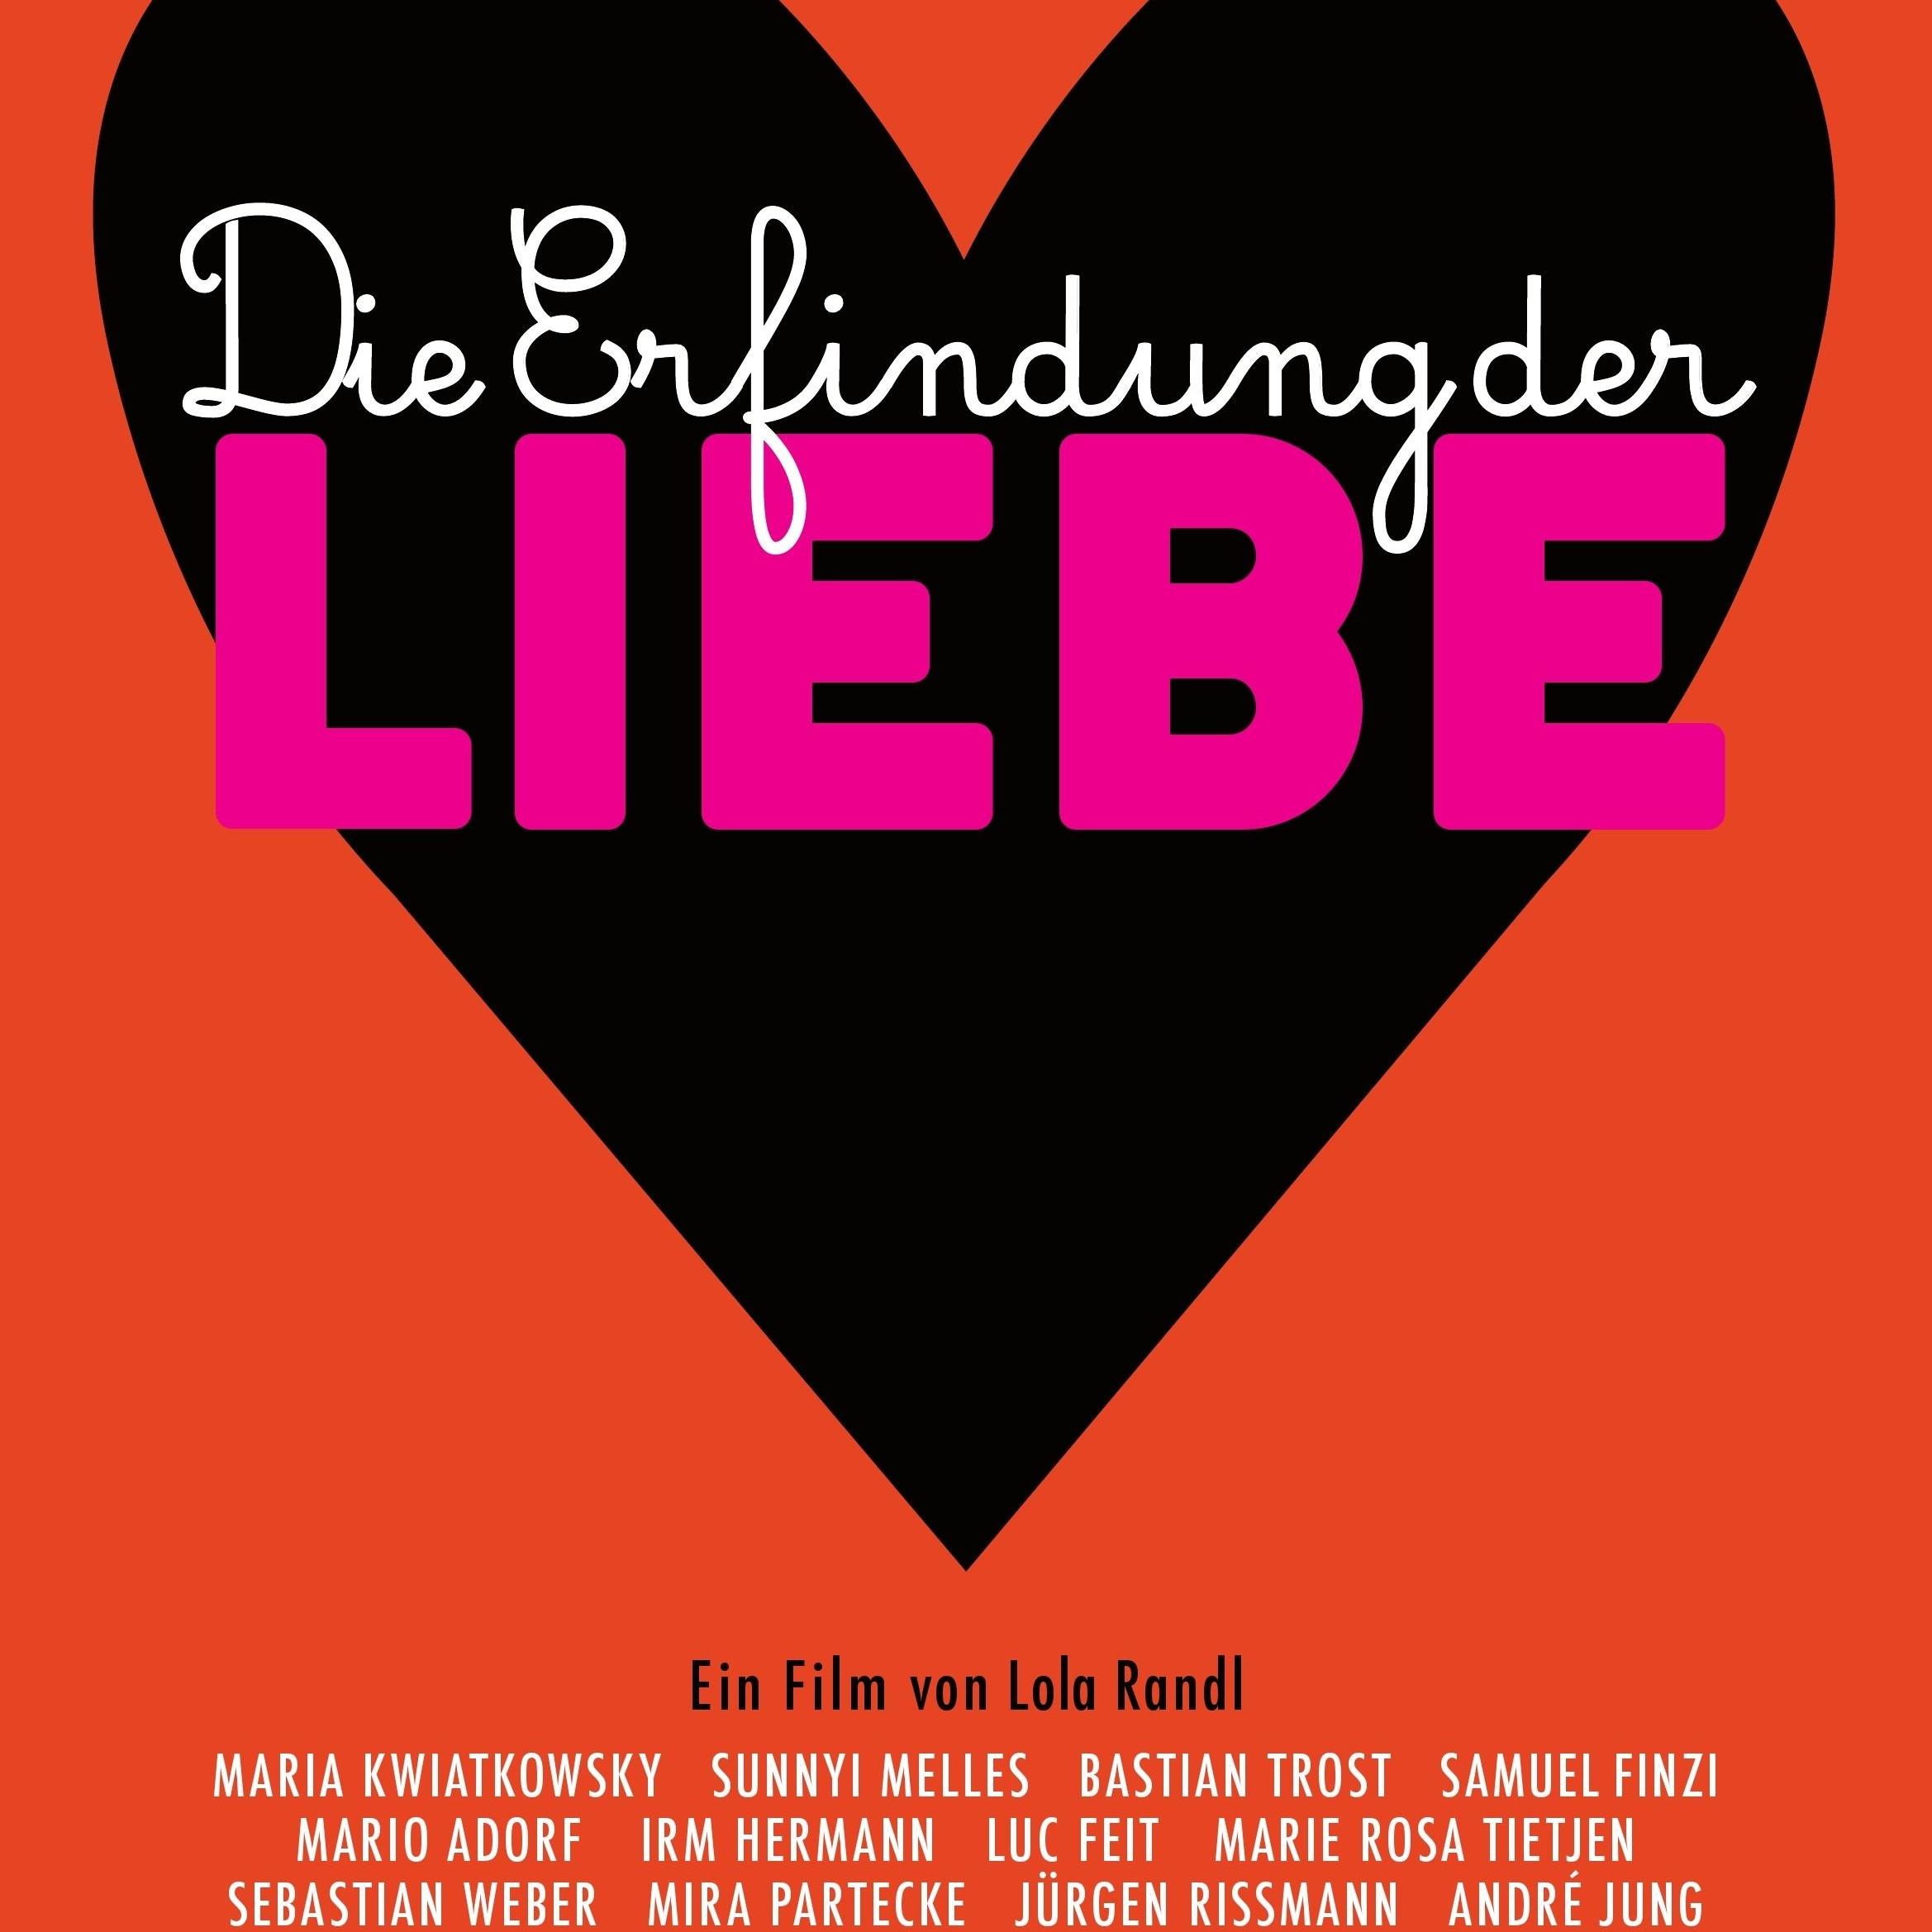 DIE ERFINDUNG DER LIEBE  (2015) MOVIE/DVD: film music by Maciej Sledziecki